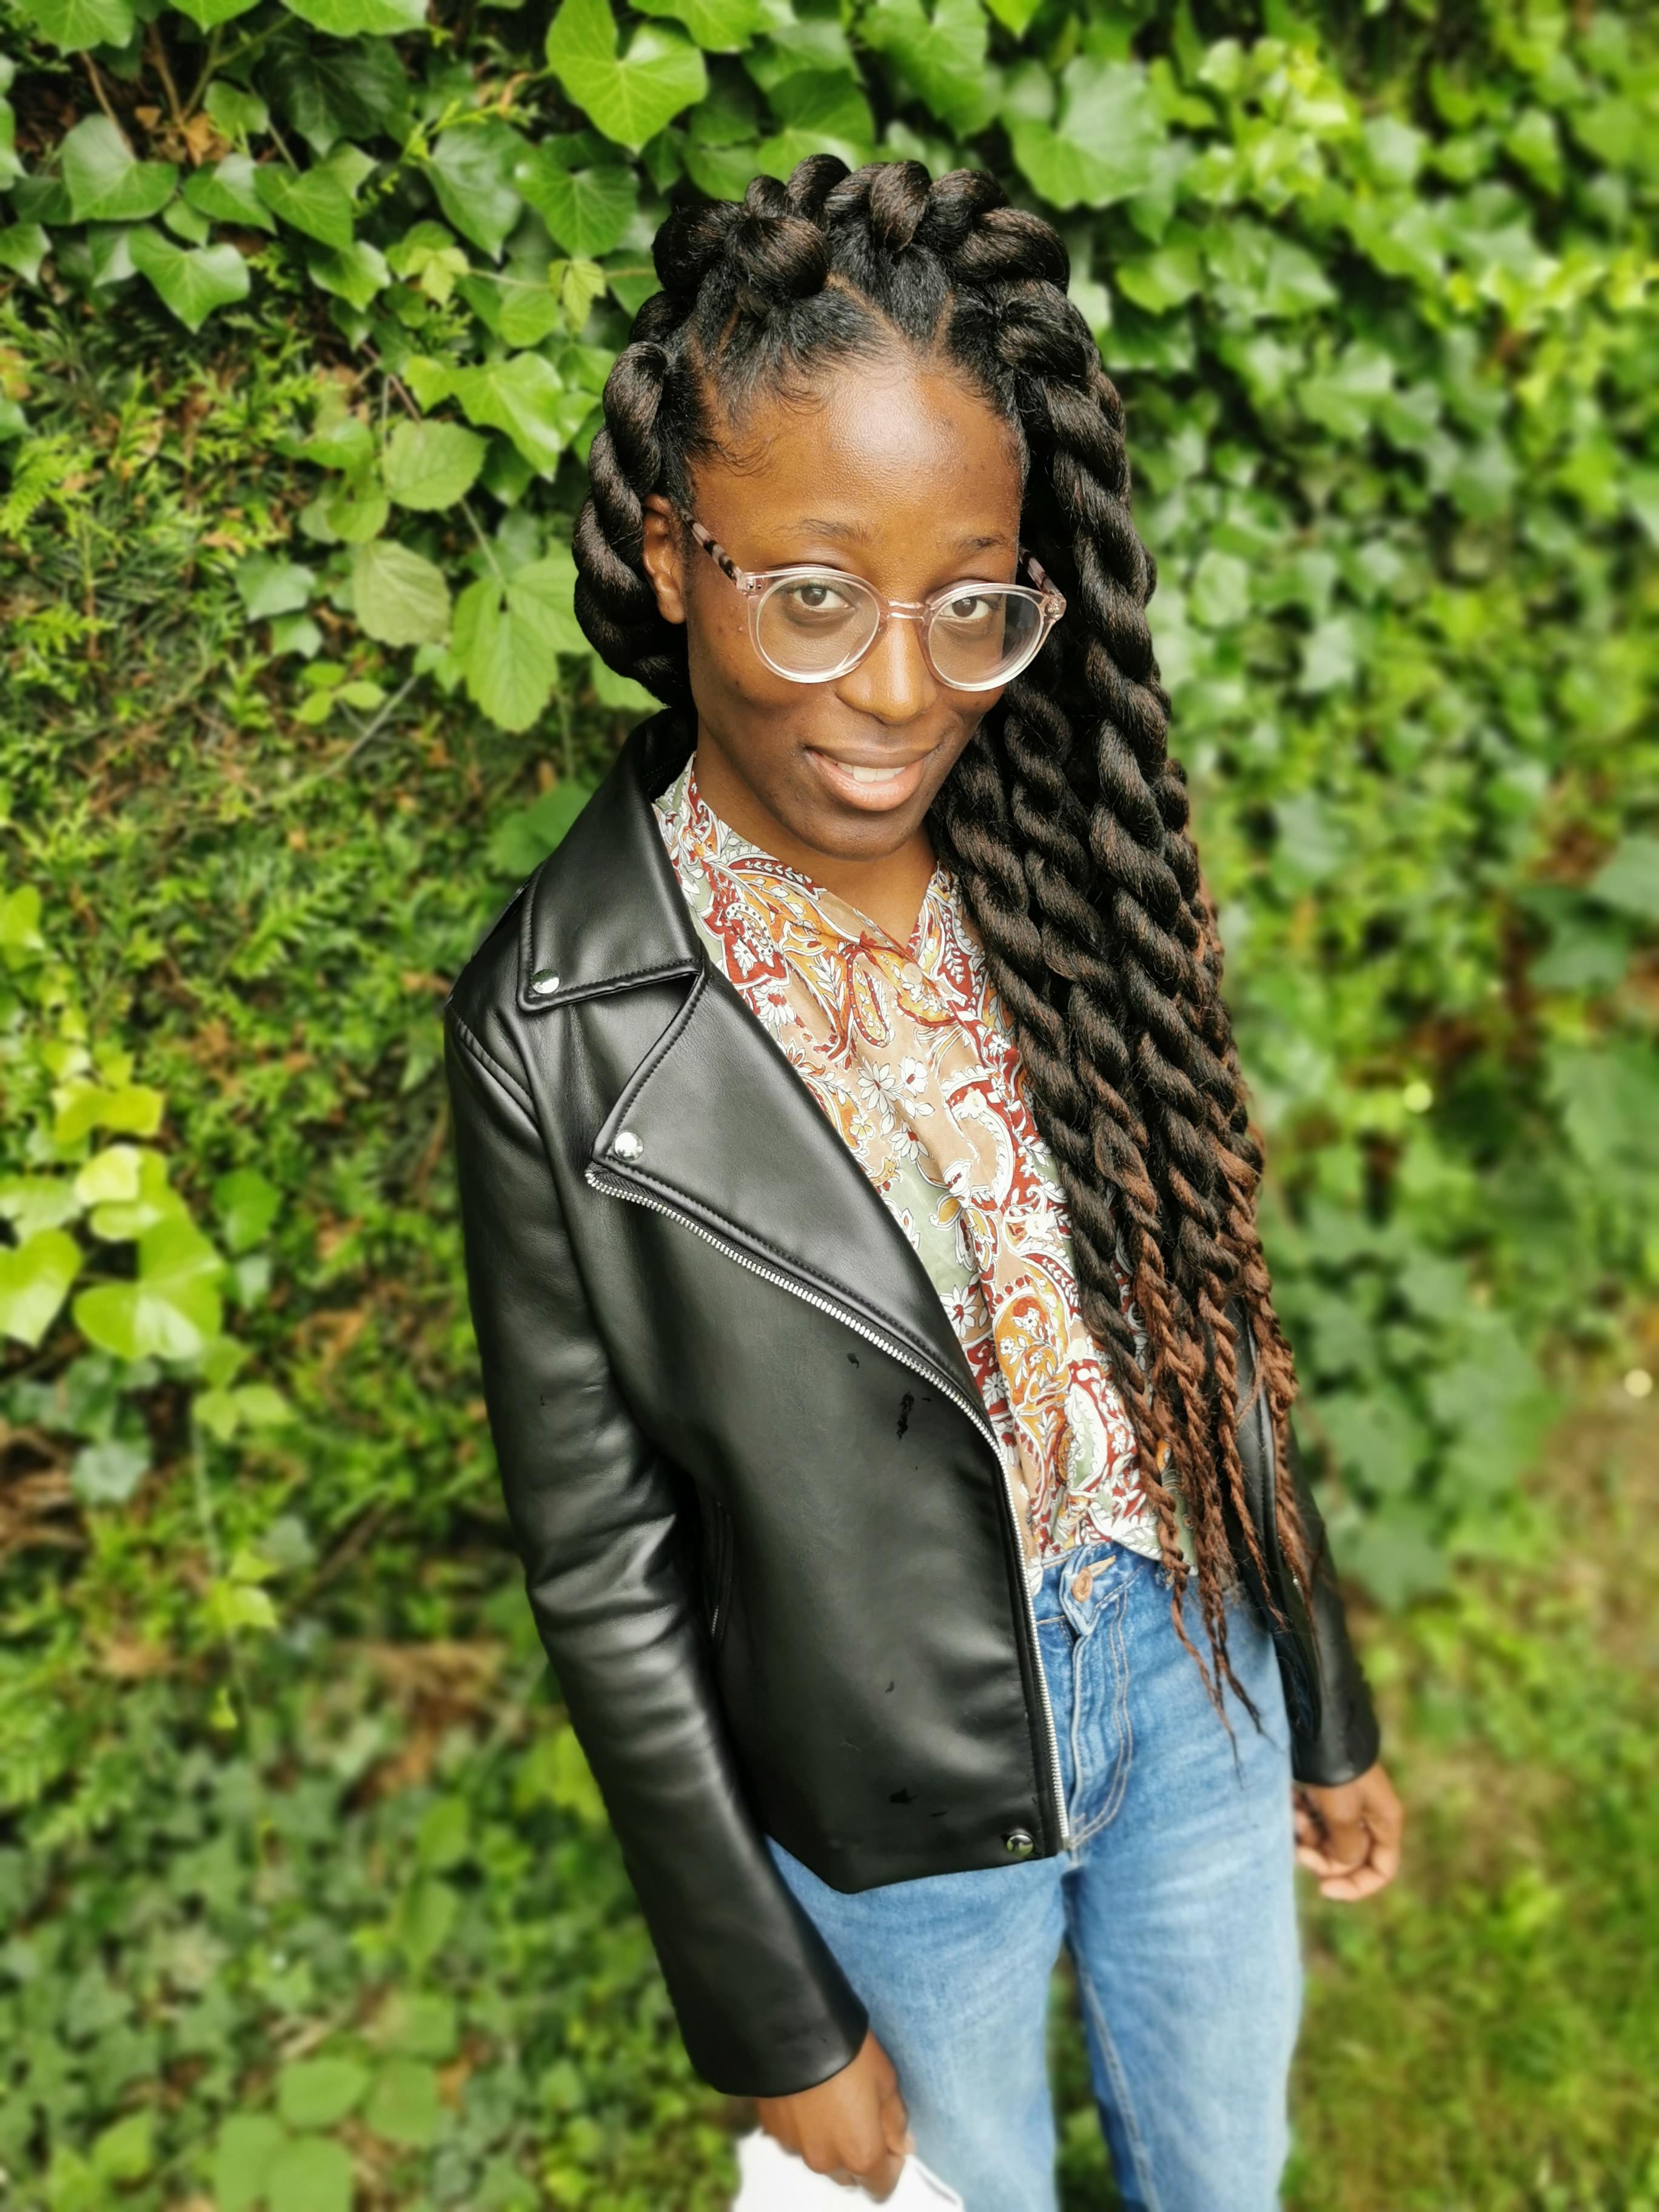 salon de coiffure afro tresse tresses box braids crochet braids vanilles tissages paris 75 77 78 91 92 93 94 95 YQUXOEZG